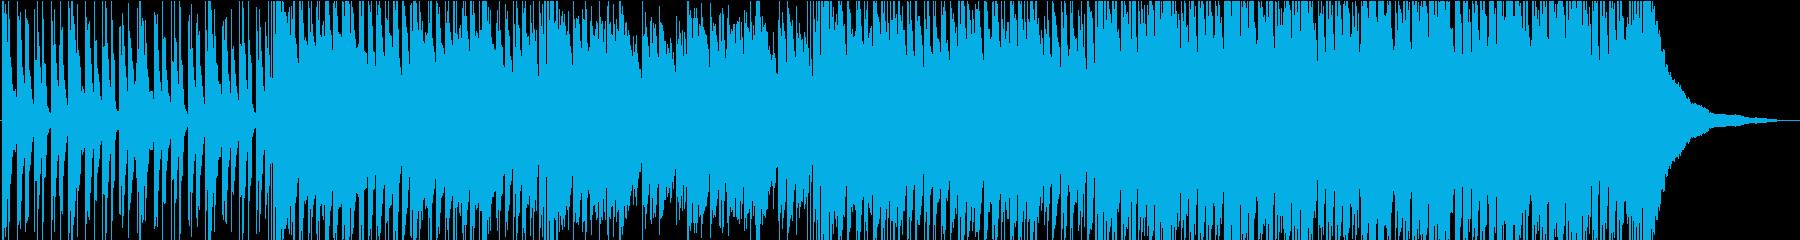 明るく軽快で跳ねた感じのポップスの再生済みの波形